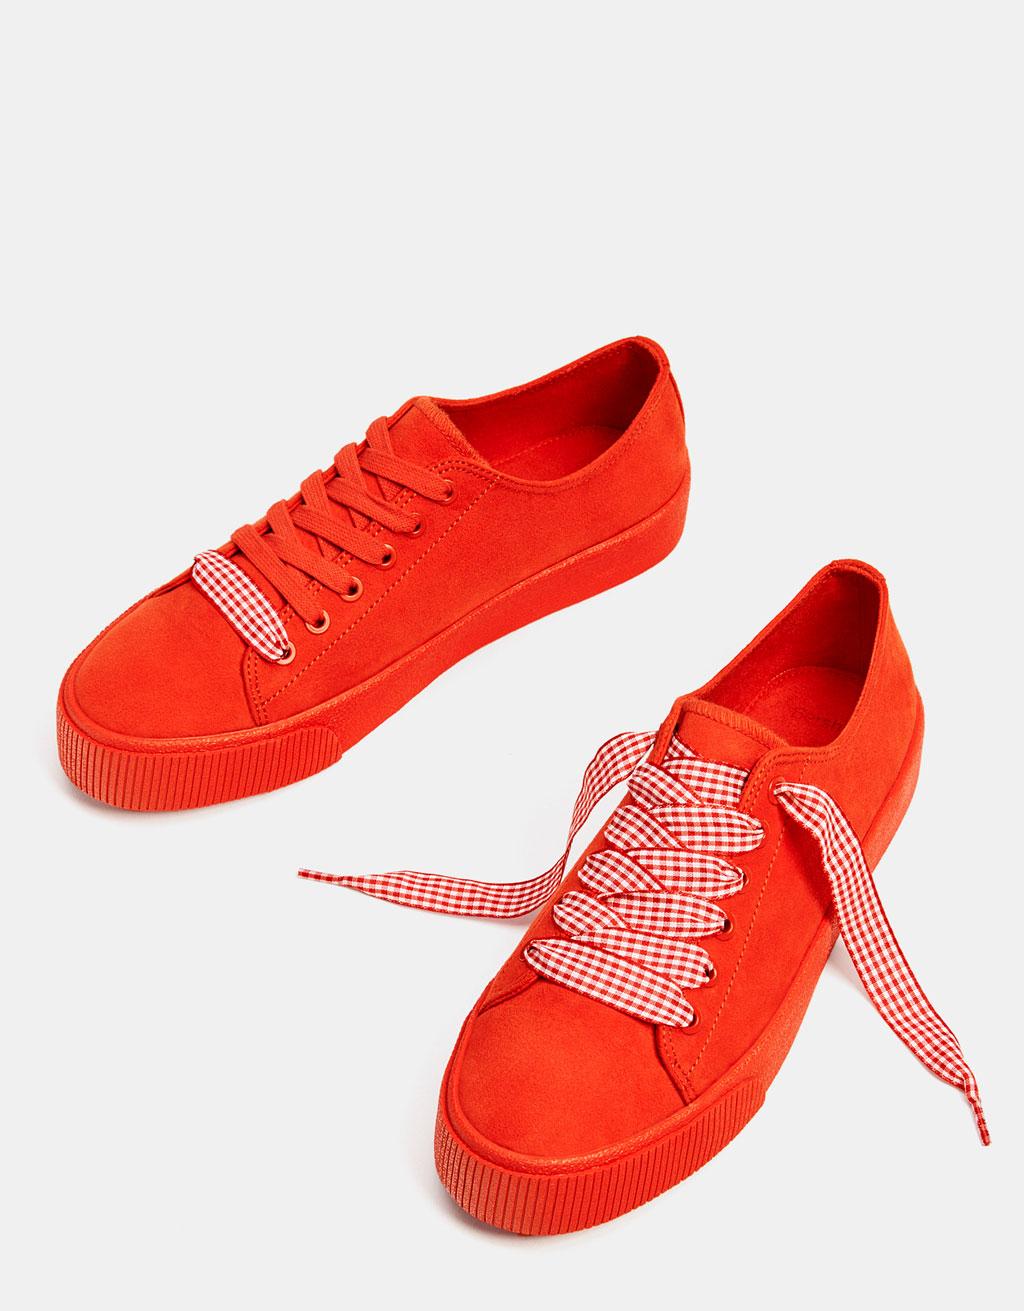 Czerwone jednobarwne tenisówki